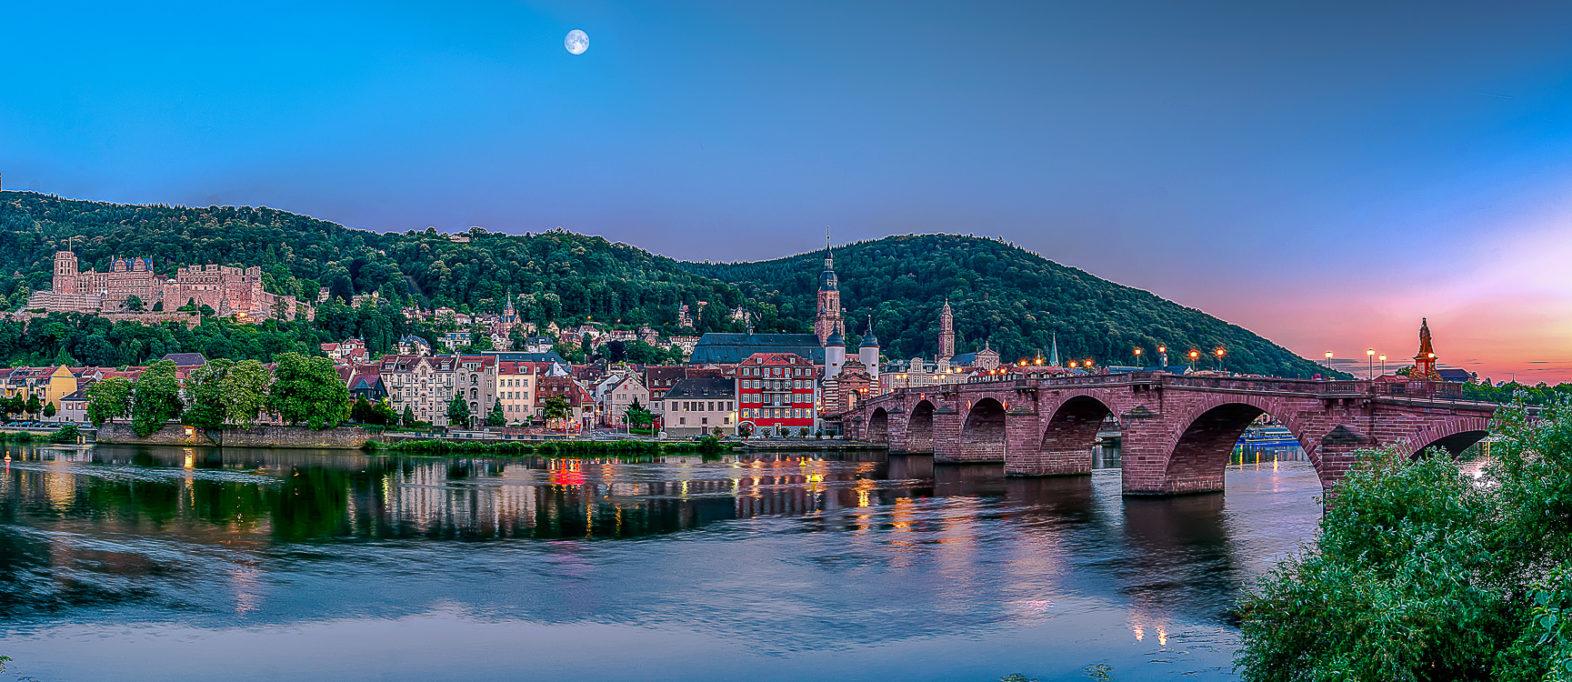 Top-Sehenswürdigkeiten in Heidelberg: Meine persönlichen Highlights